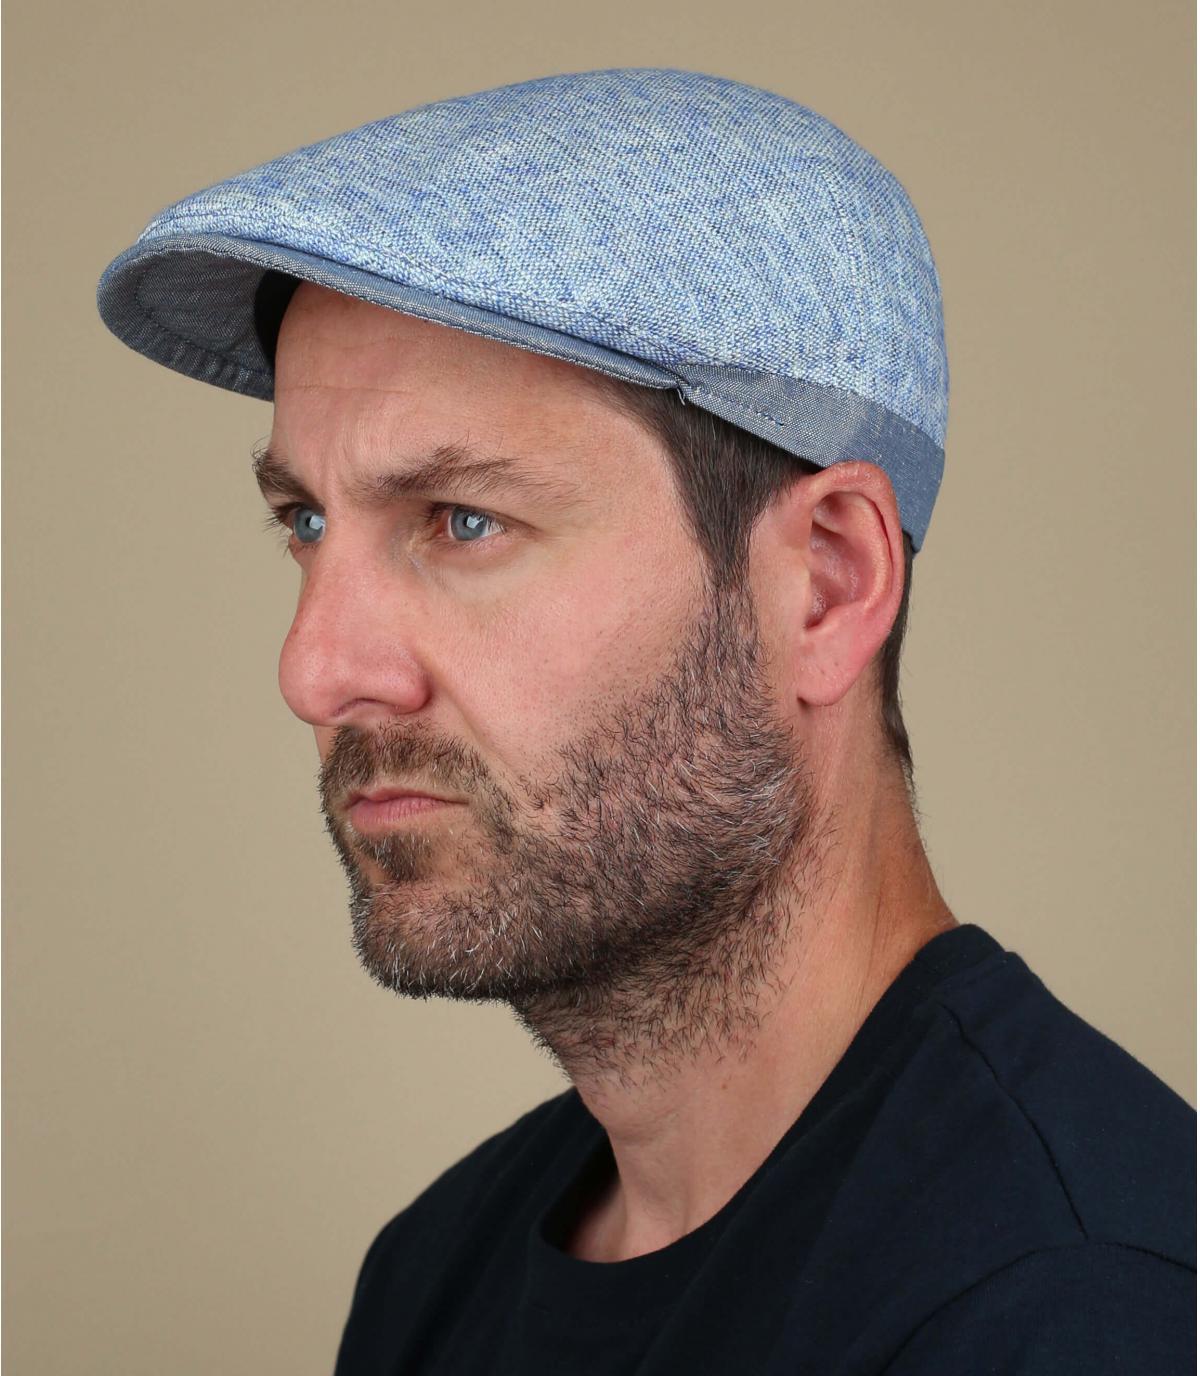 katoen linnen blauwe baret